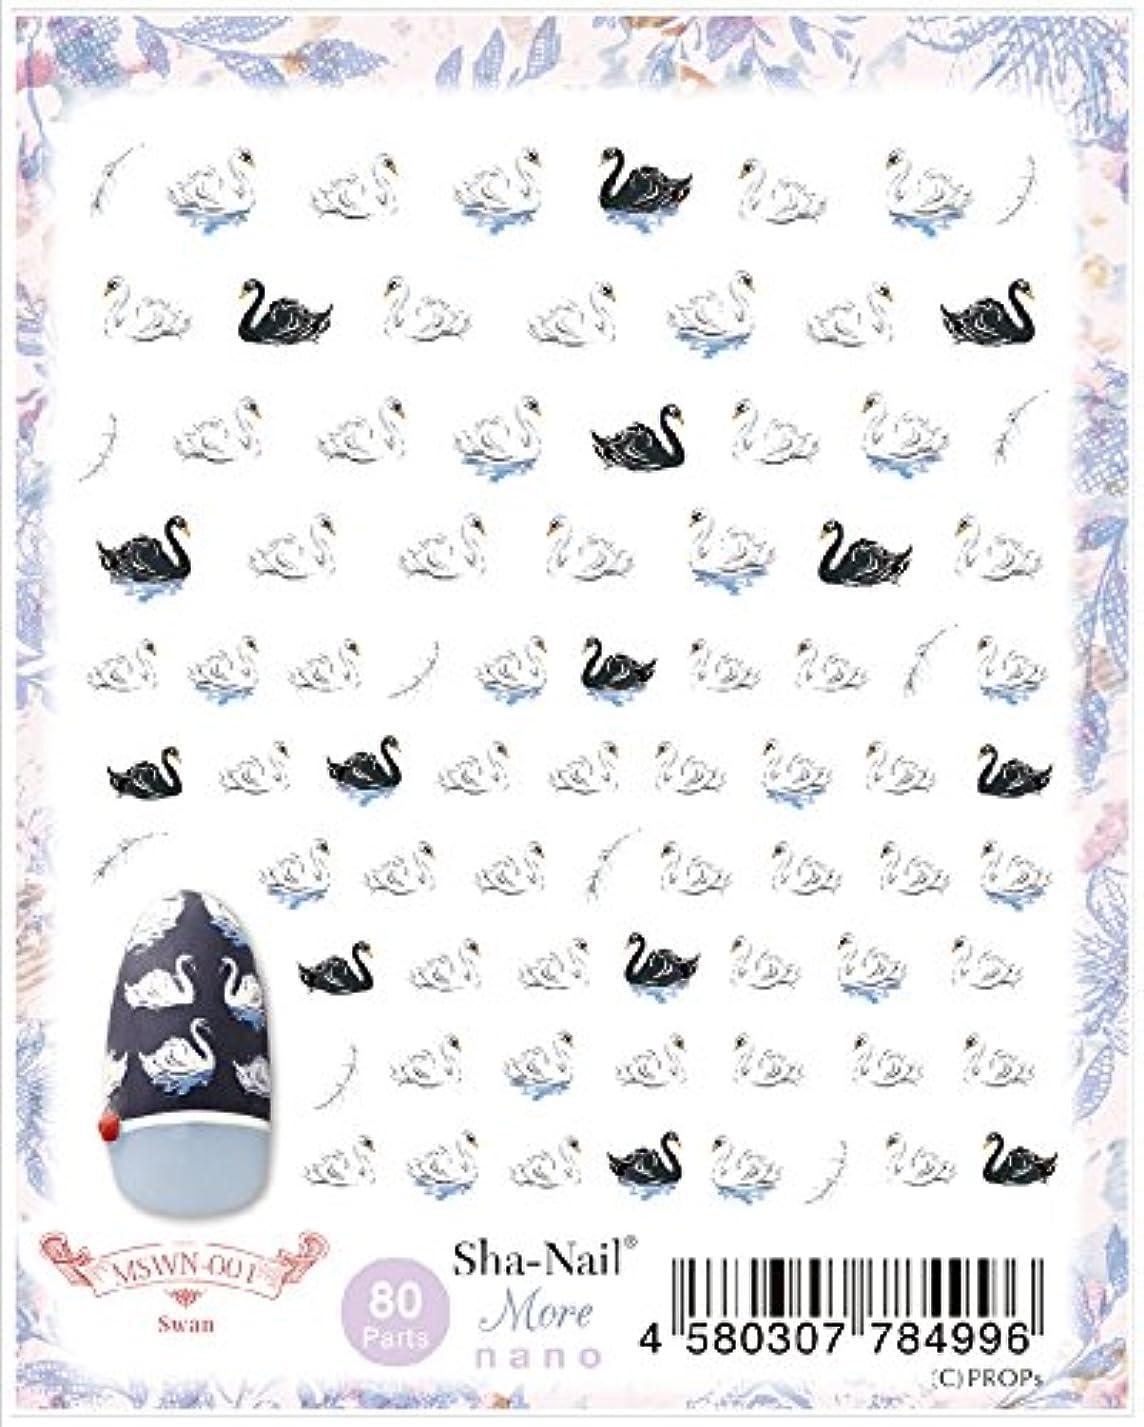 トランペット些細歴史的Sha-Nail More ネイルシール 【nano】スワン MSWN-001 アート材